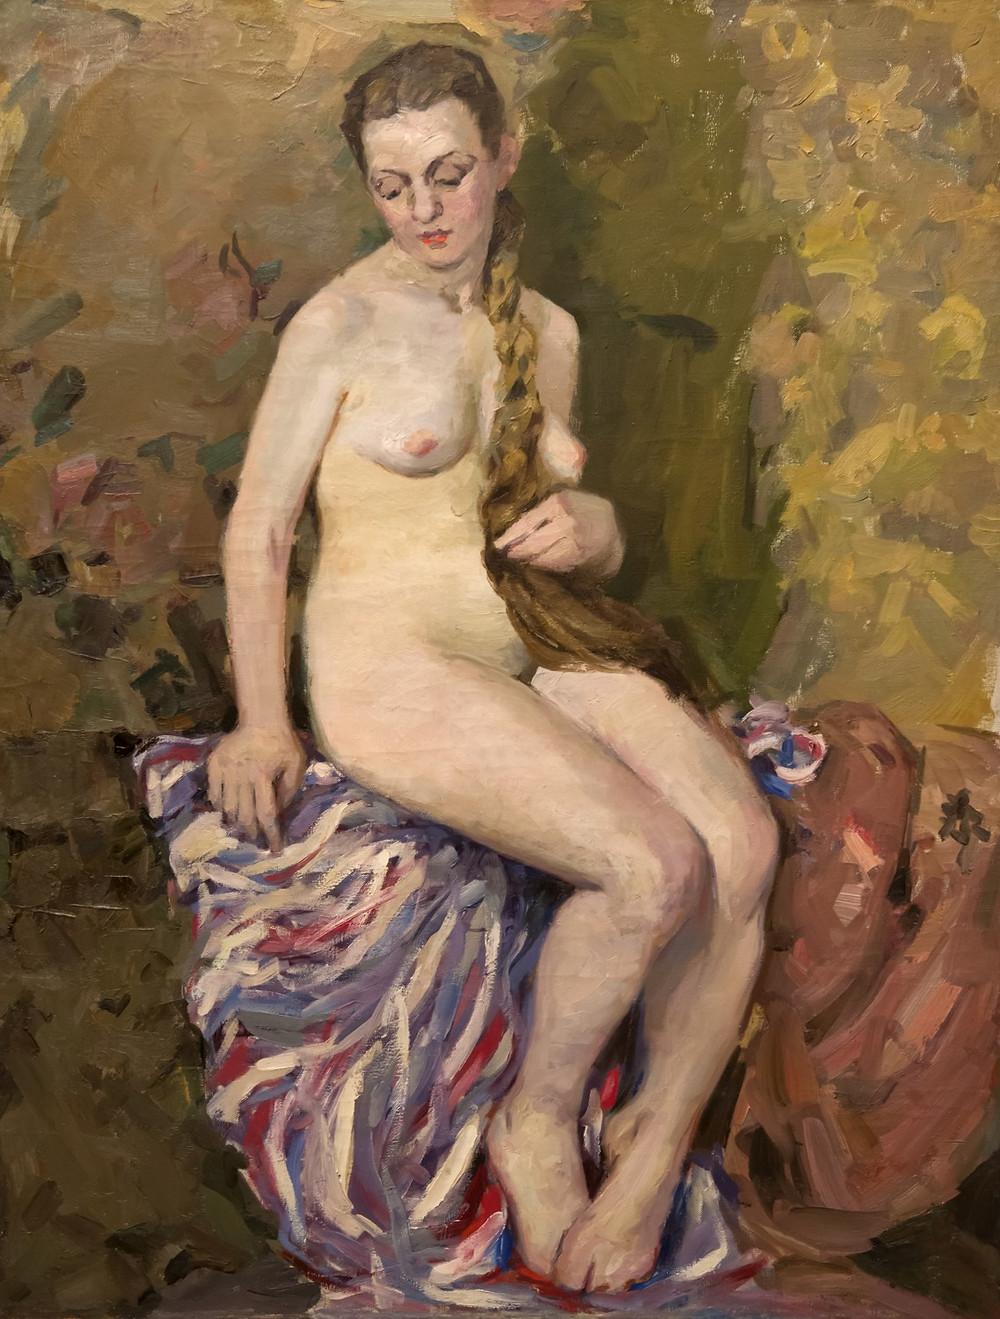 Обнаженная с цветным пледом.  1959-60 год. Автор Кузьмин Ардалион Валентинович (1930-1999) Холст, масло.